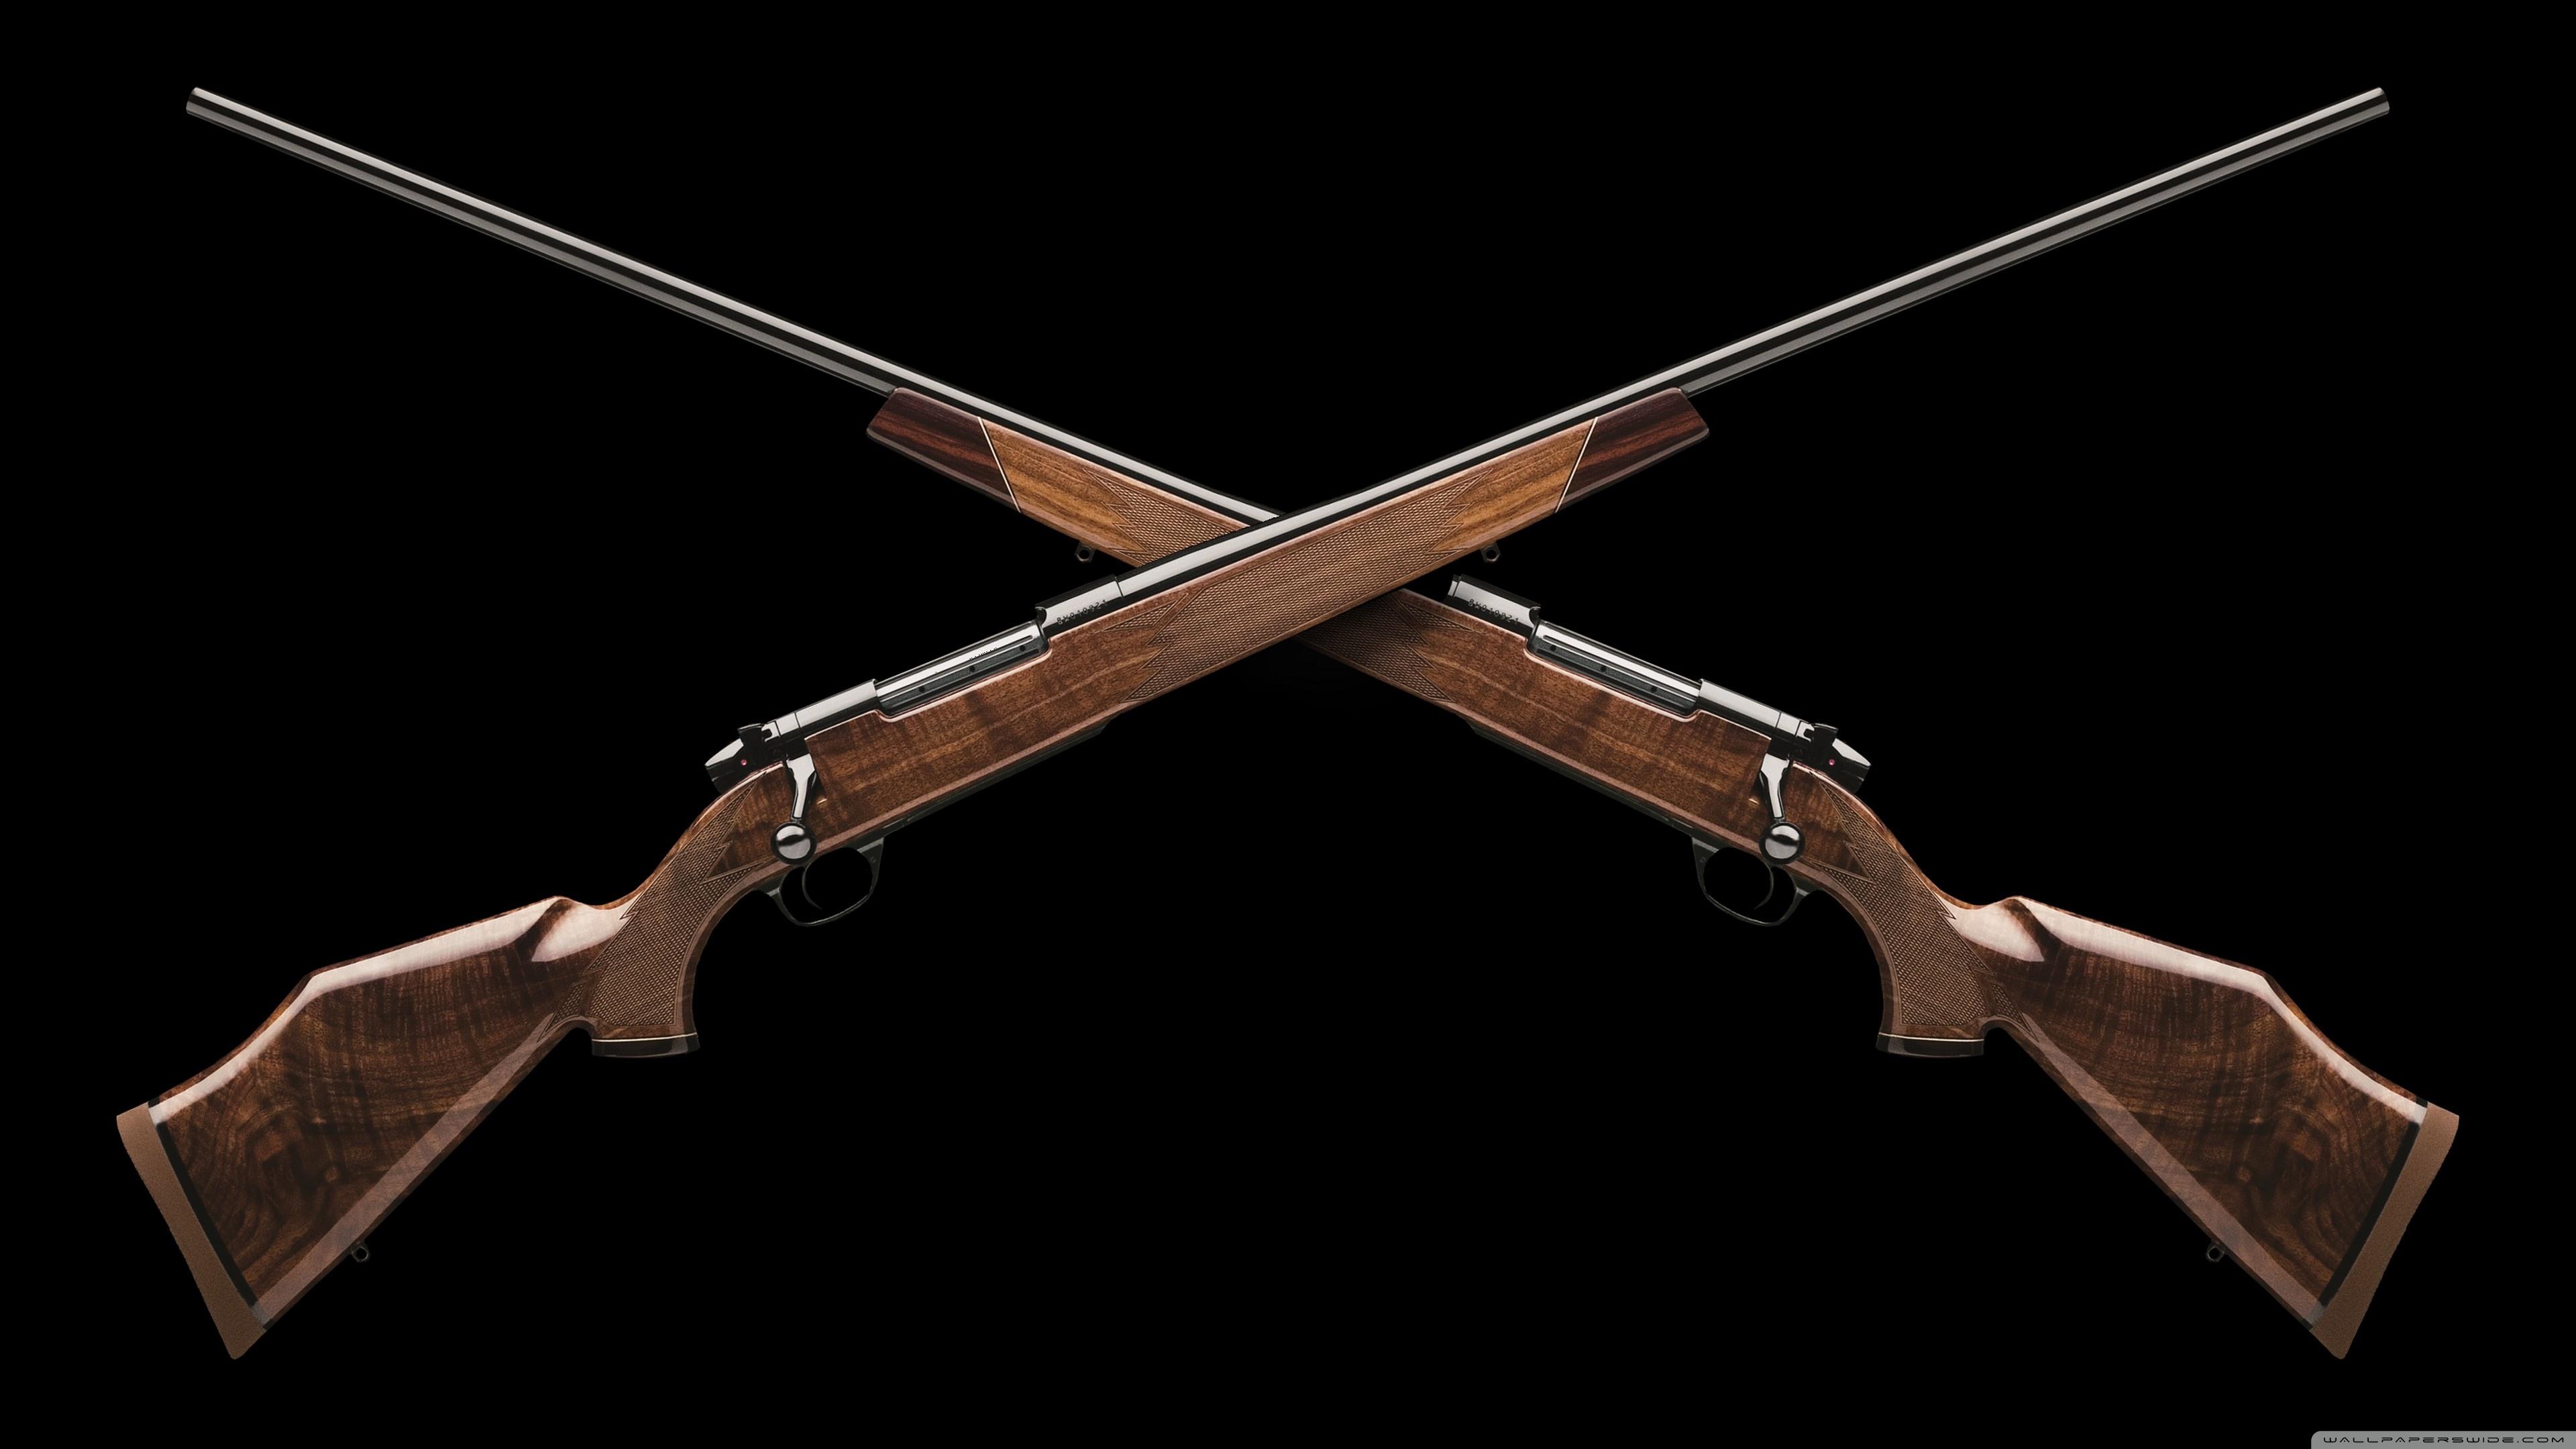 Weatherby Rifles UHD Desktop Wallpaper for 4K Ultra HD TV Wide 3840x2160